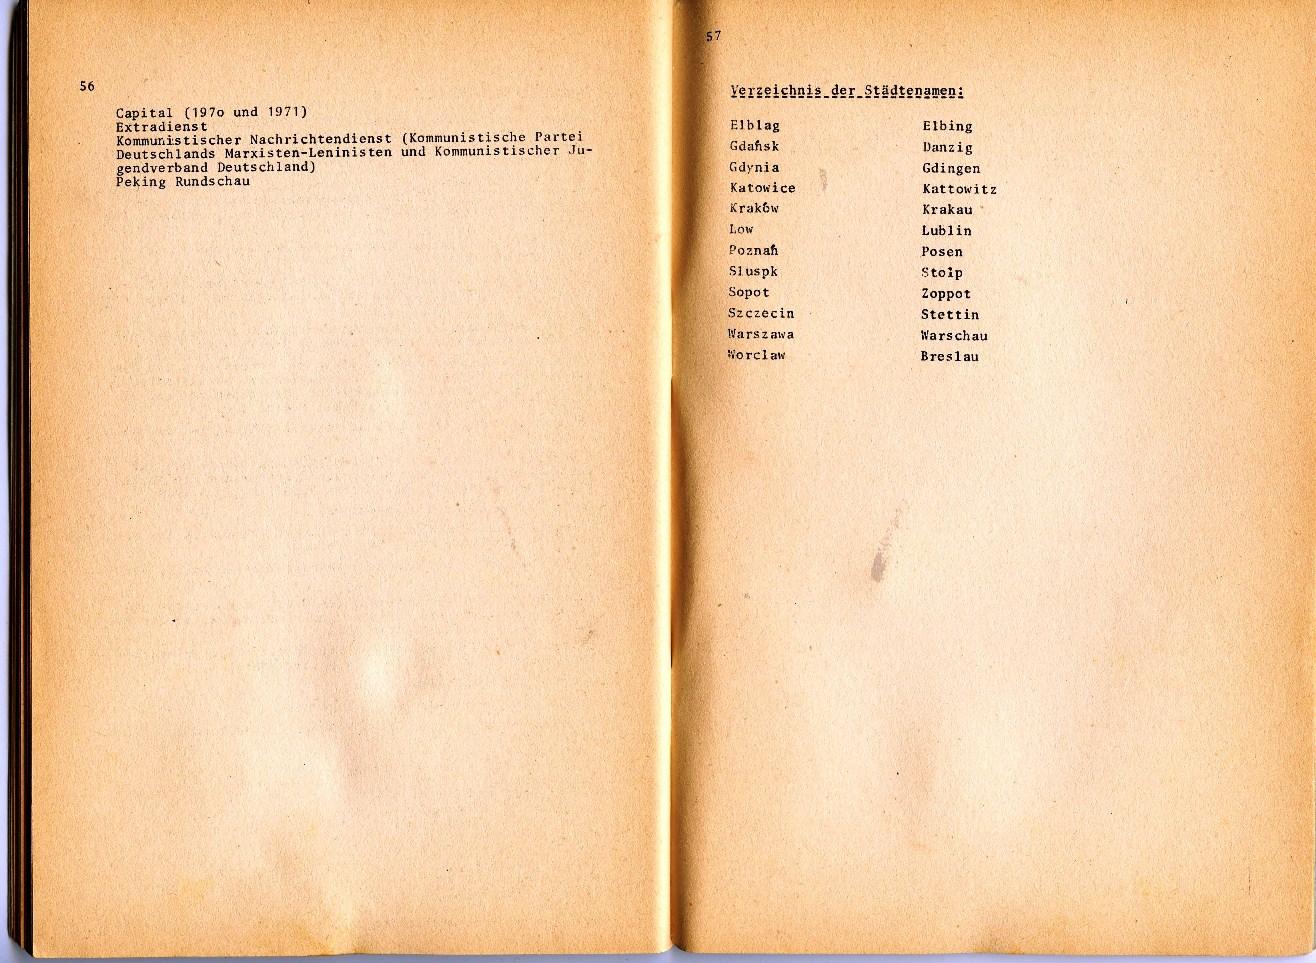 ZB_Polen_Aufstand_1971_32